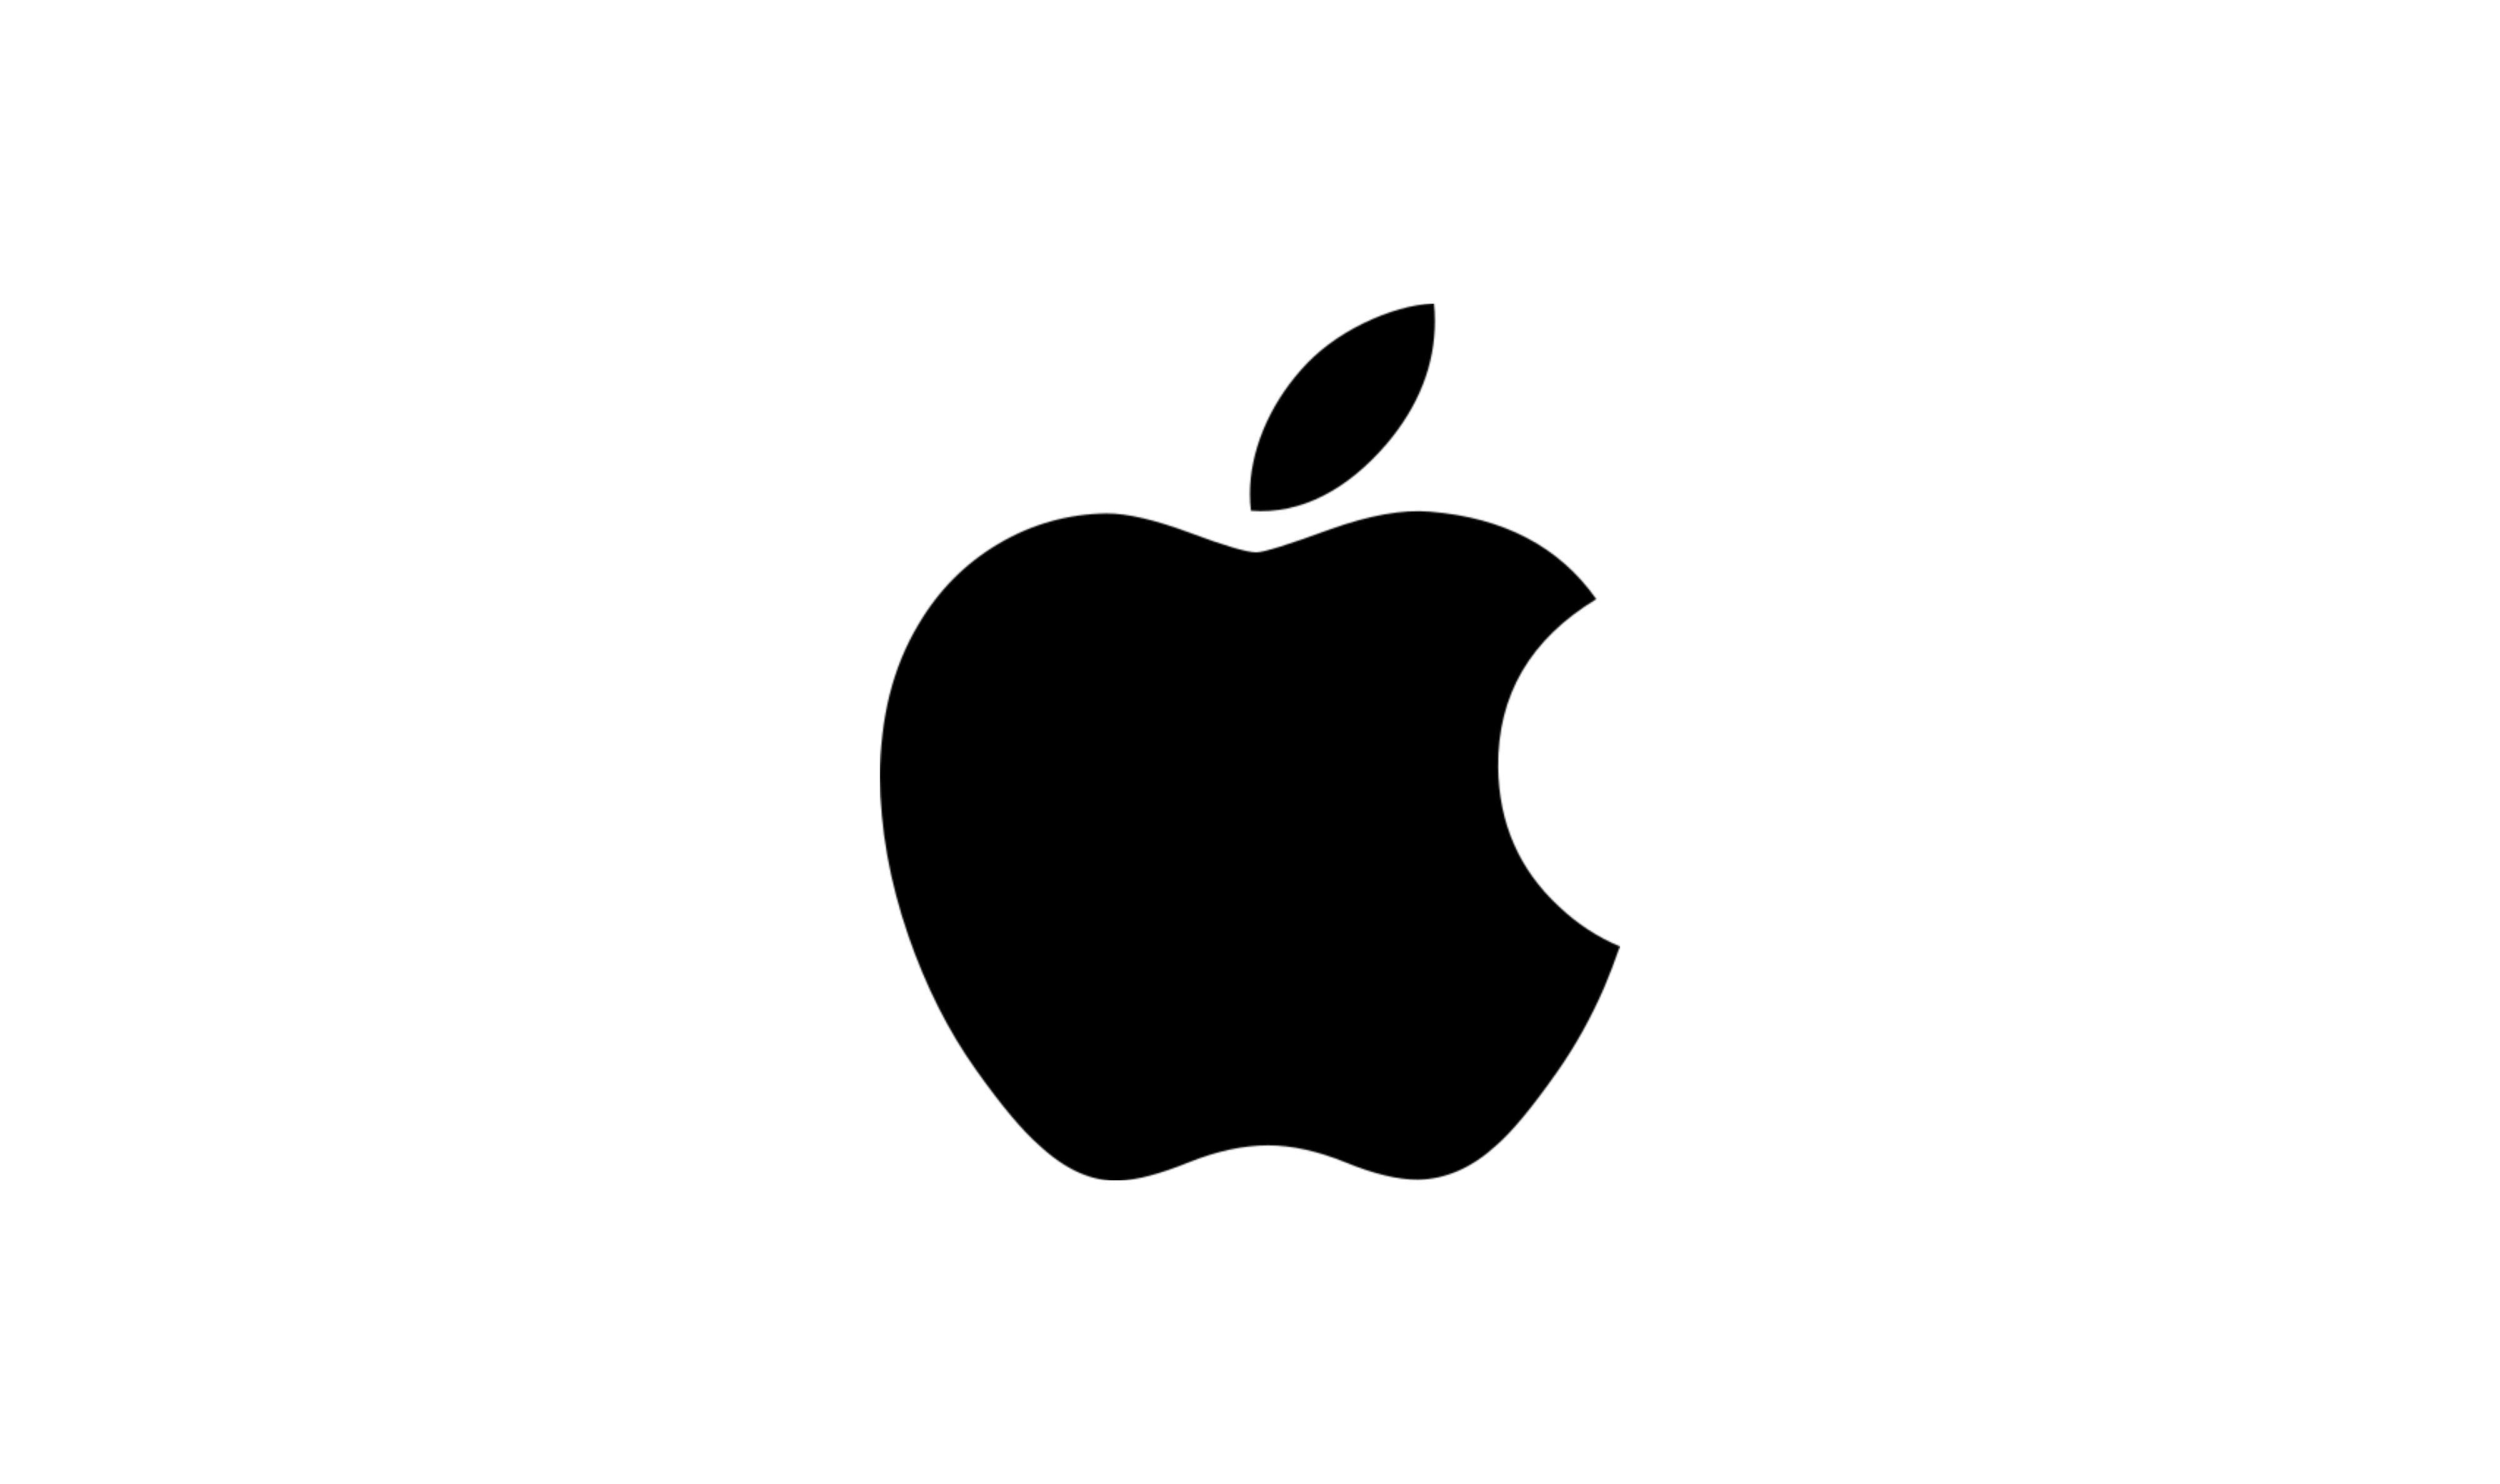 Apple Logo vorgestellt